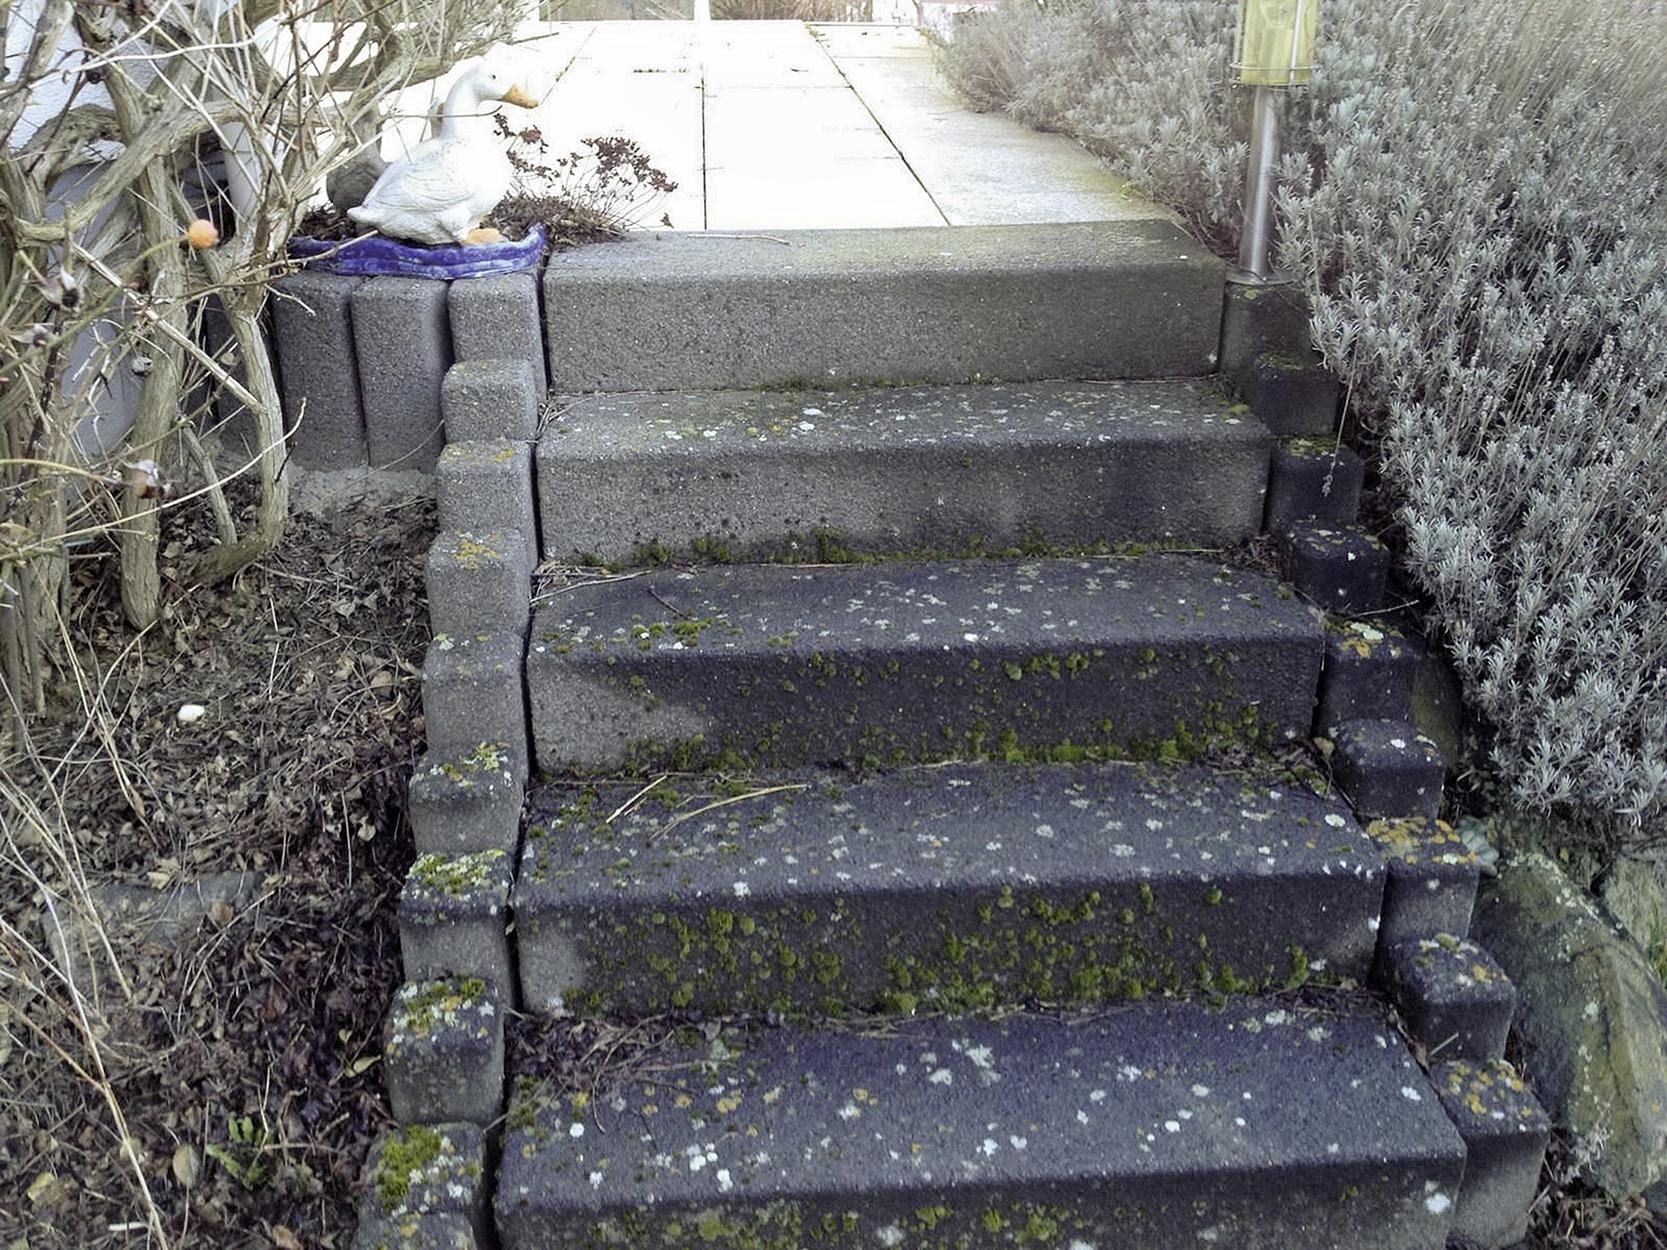 Auf der Außentreppe am älteren Wohnhaus hat sich schon Moos auf den Stufen gebildet.